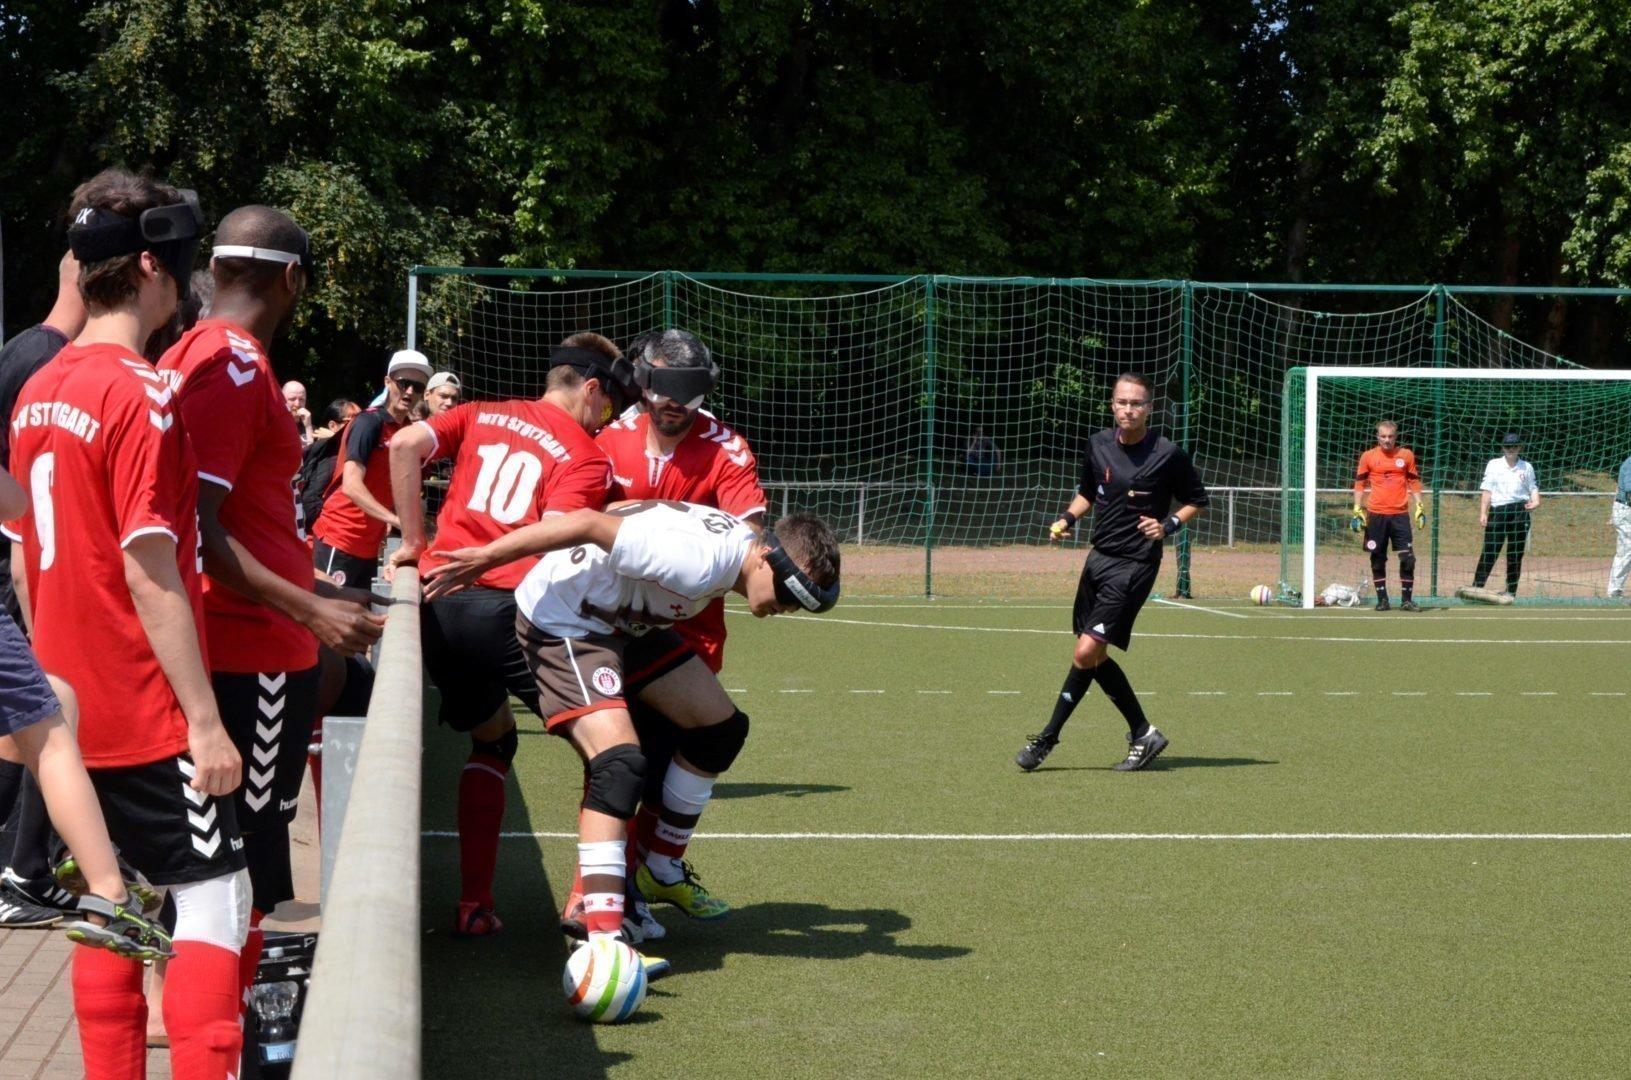 In der regulären Saison verlor der FC St. Pauli um Paul Ruge (weißes Trikot) mit 0:1 gegen den MTV Stuttgart, In Düsseldorf wollen die Kiezkicker Revanche nehmen und damit auch die Titelverteidigung feiern. Foto: Jonas Bargmann